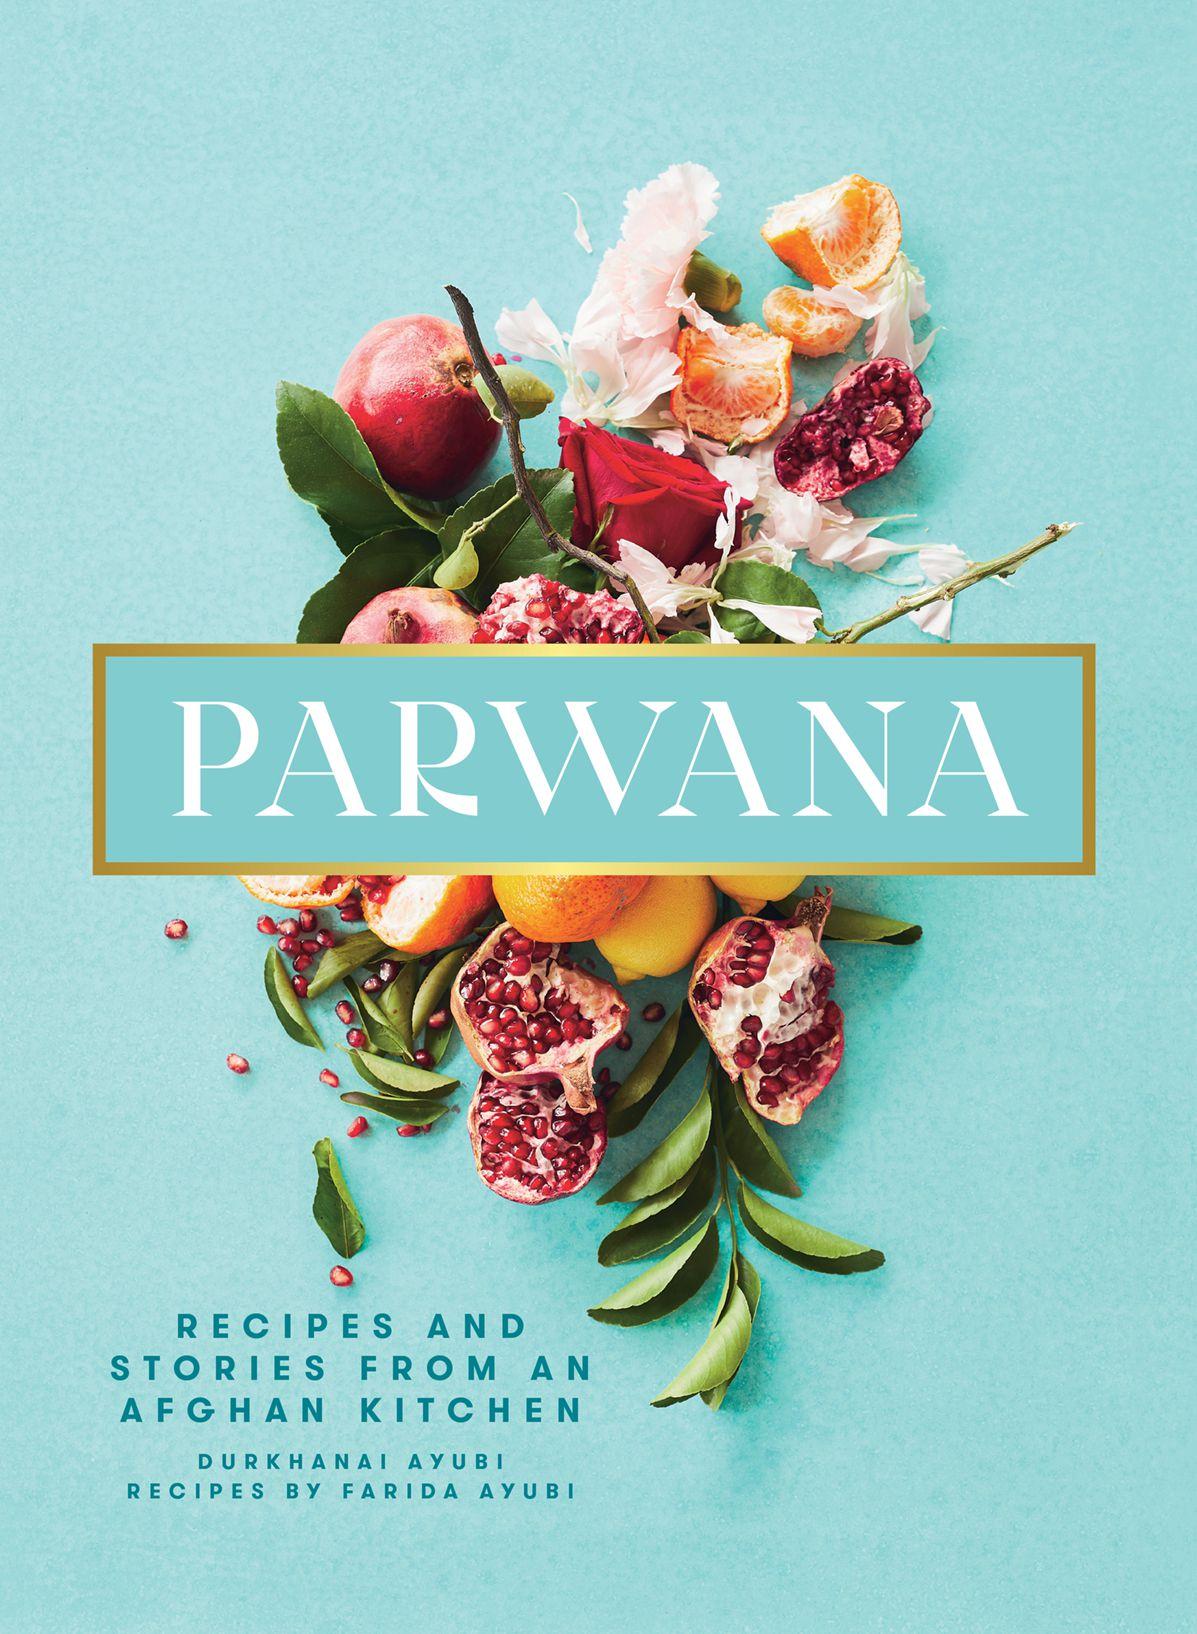 La couverture du livre de cuisine sarcelle pour Parwana avec végétation et grenades en son centre